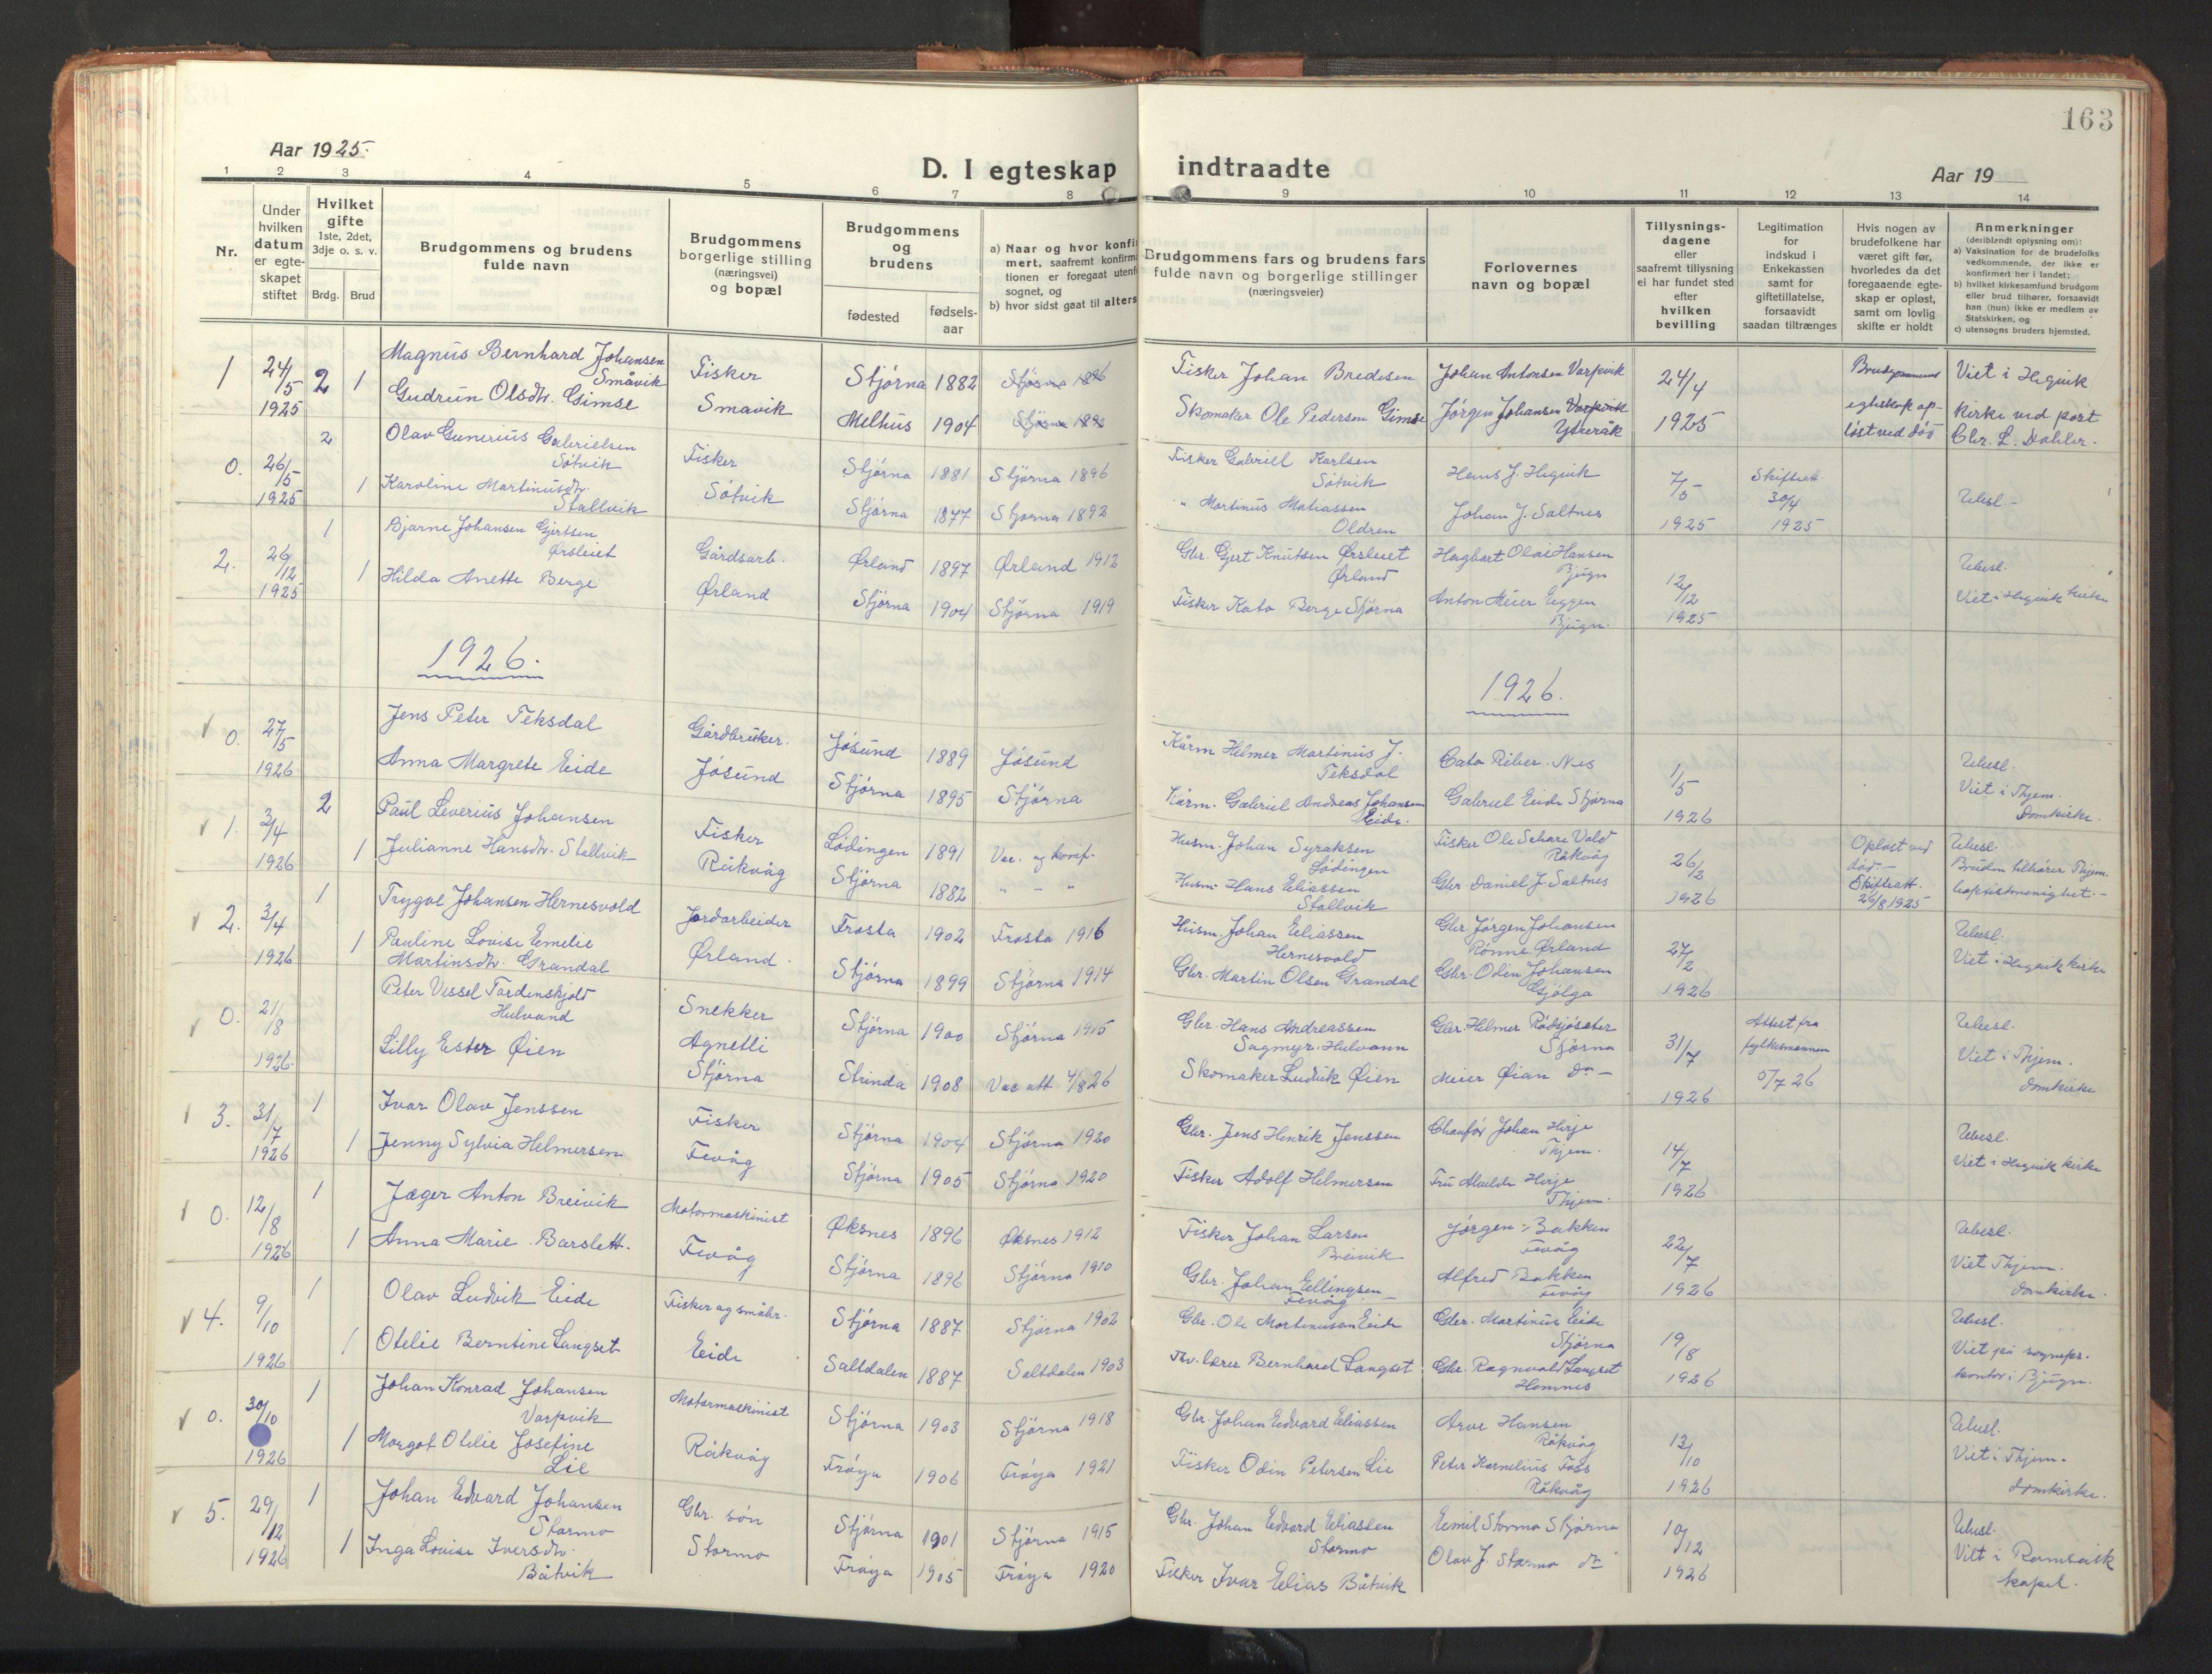 SAT, Ministerialprotokoller, klokkerbøker og fødselsregistre - Sør-Trøndelag, 653/L0658: Klokkerbok nr. 653C02, 1919-1947, s. 163